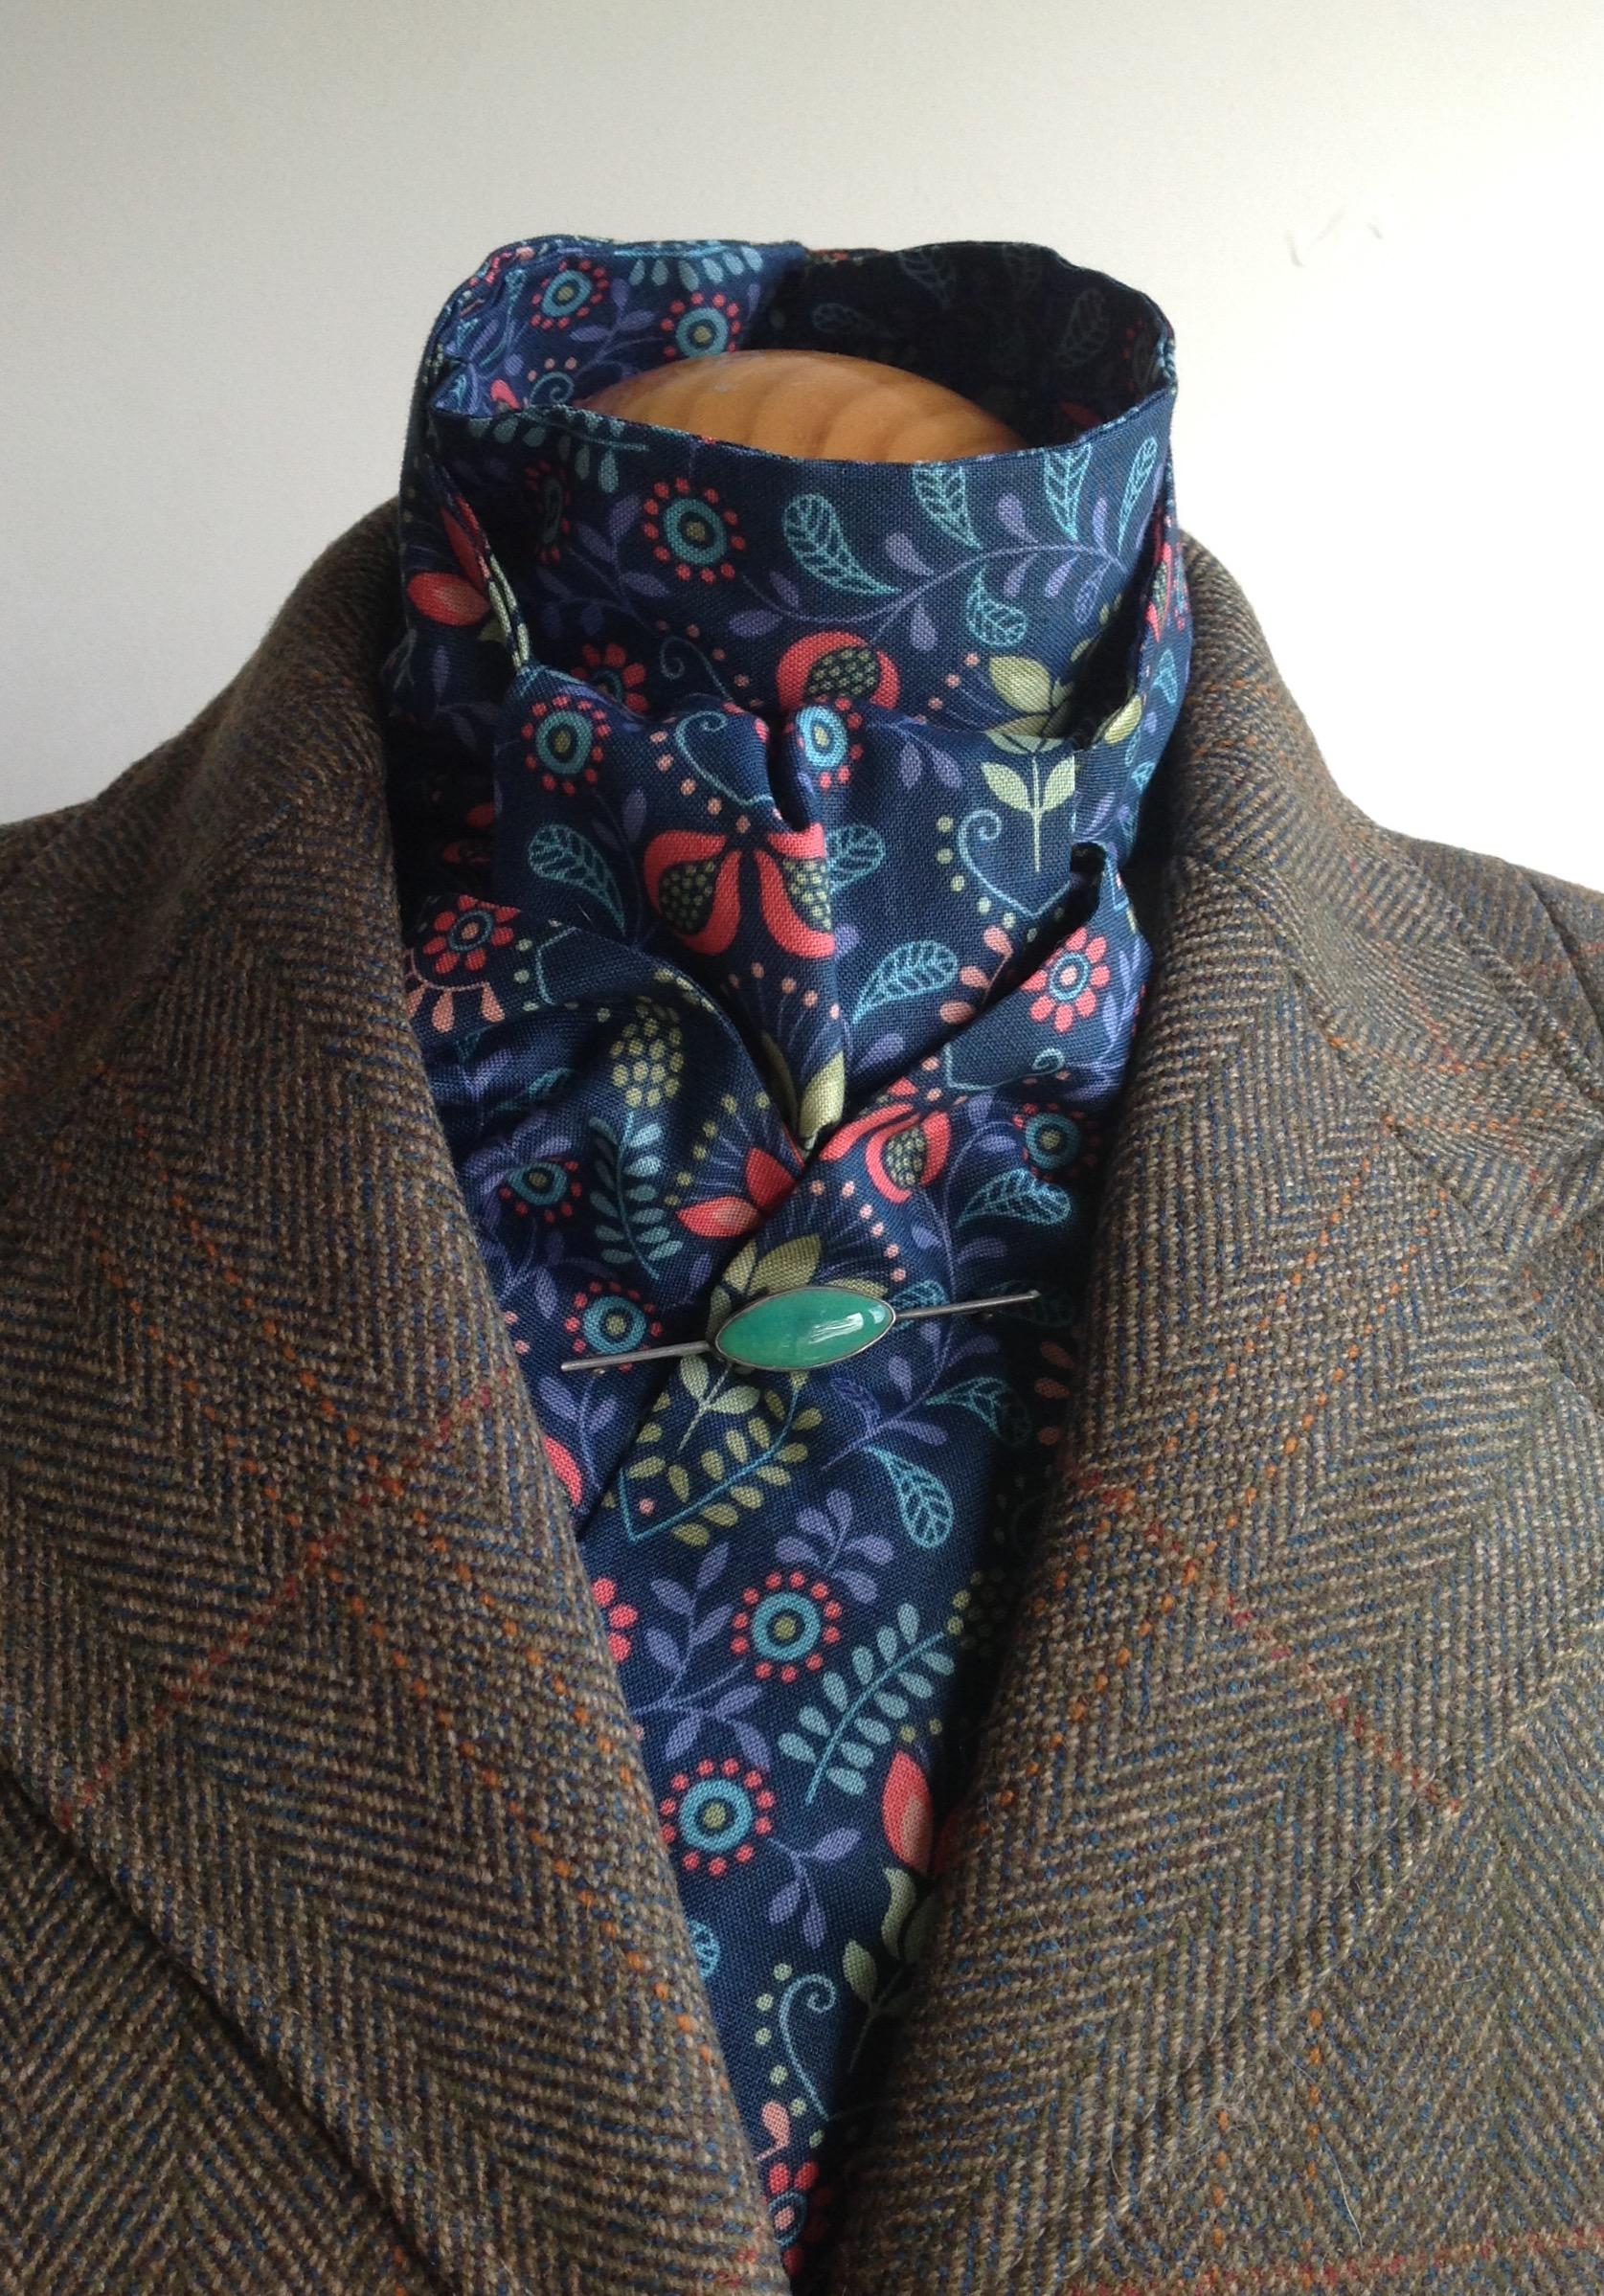 Shaped to tie 100% cotton stock - Bohemia multi colourway